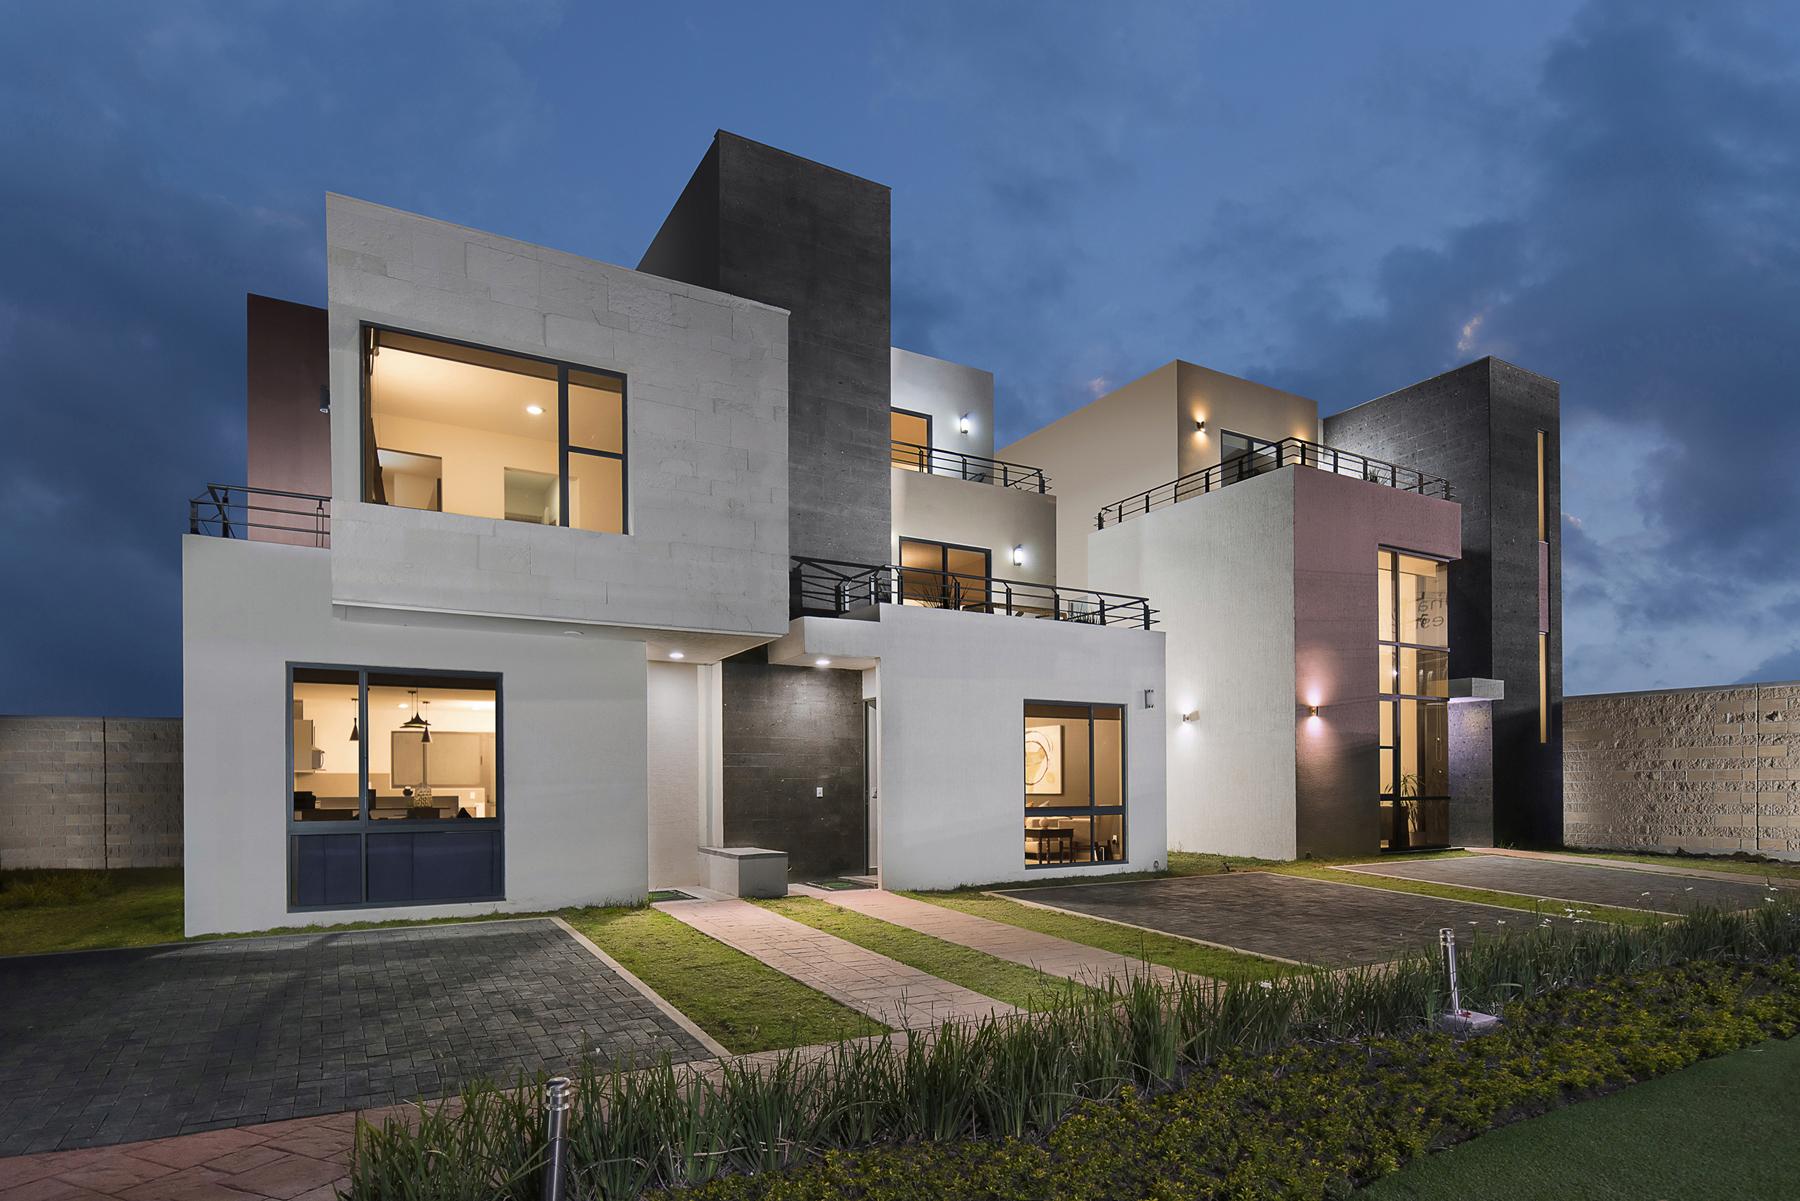 Villas-056.jpg